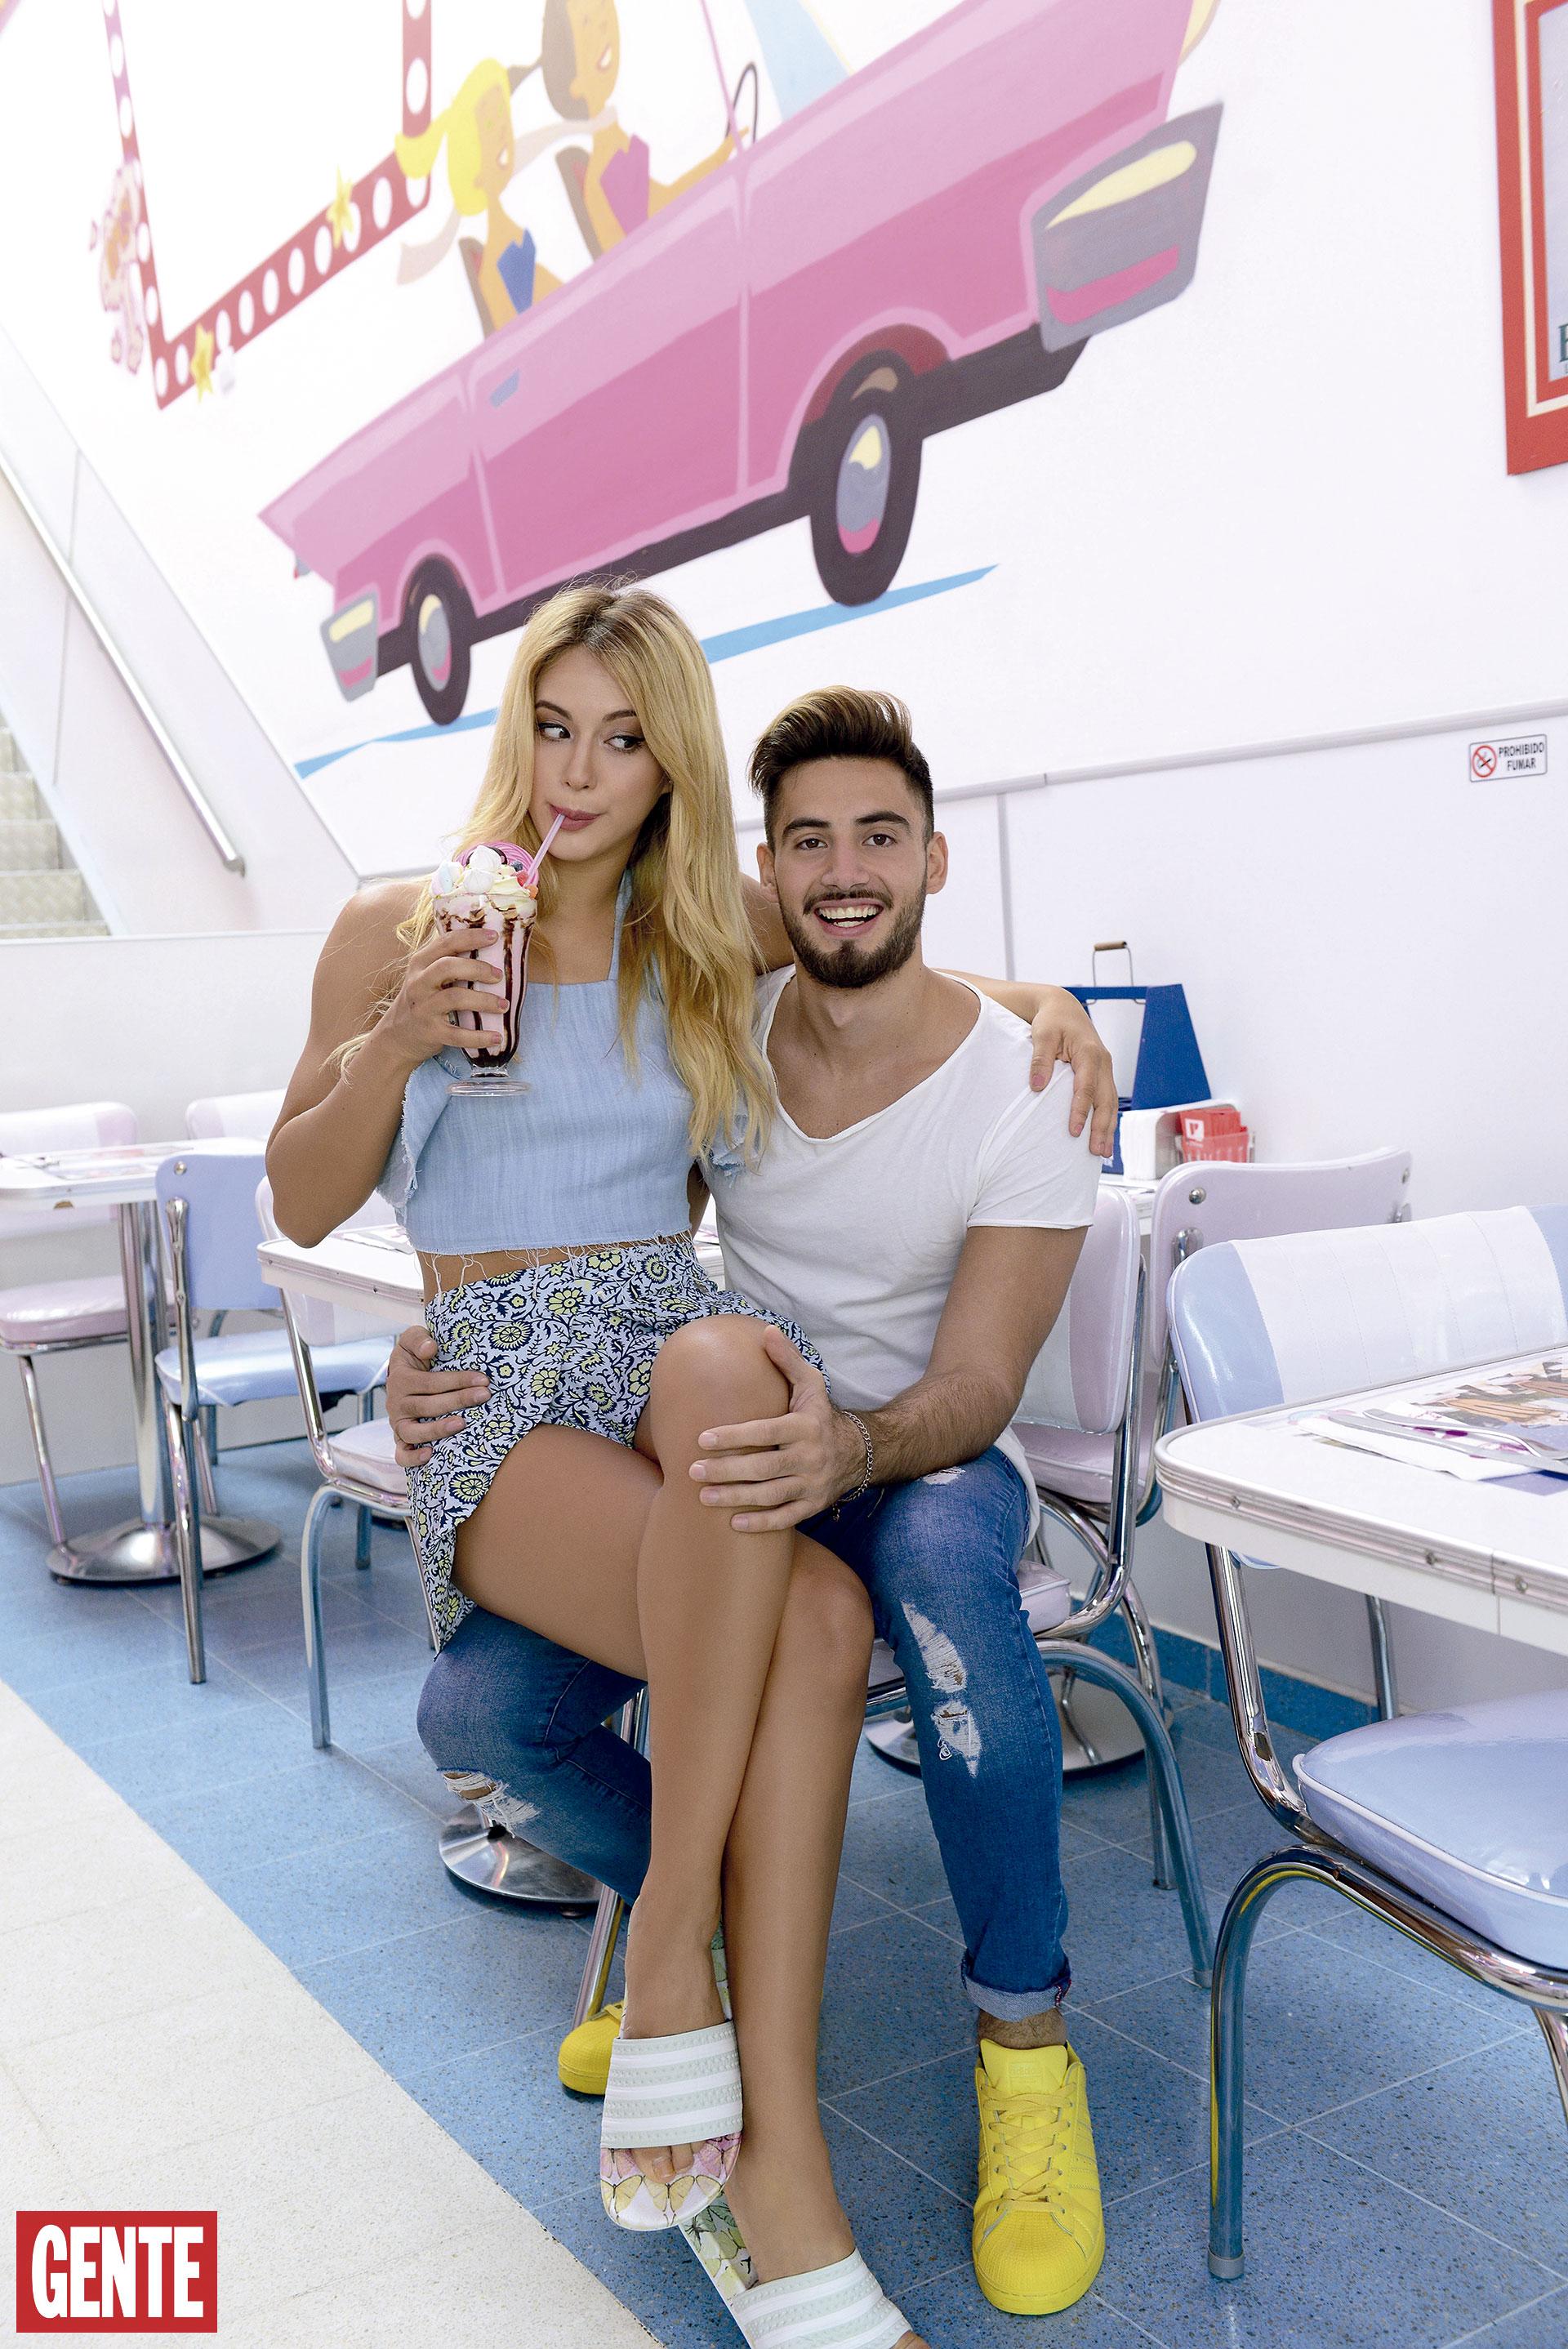 Flor Vigna y Nico Occhiato están de novios hace tres años y superaron una fuerte crisis que incluyó una separación de dos semanas. (Foto: Ale Carra/GENTE)